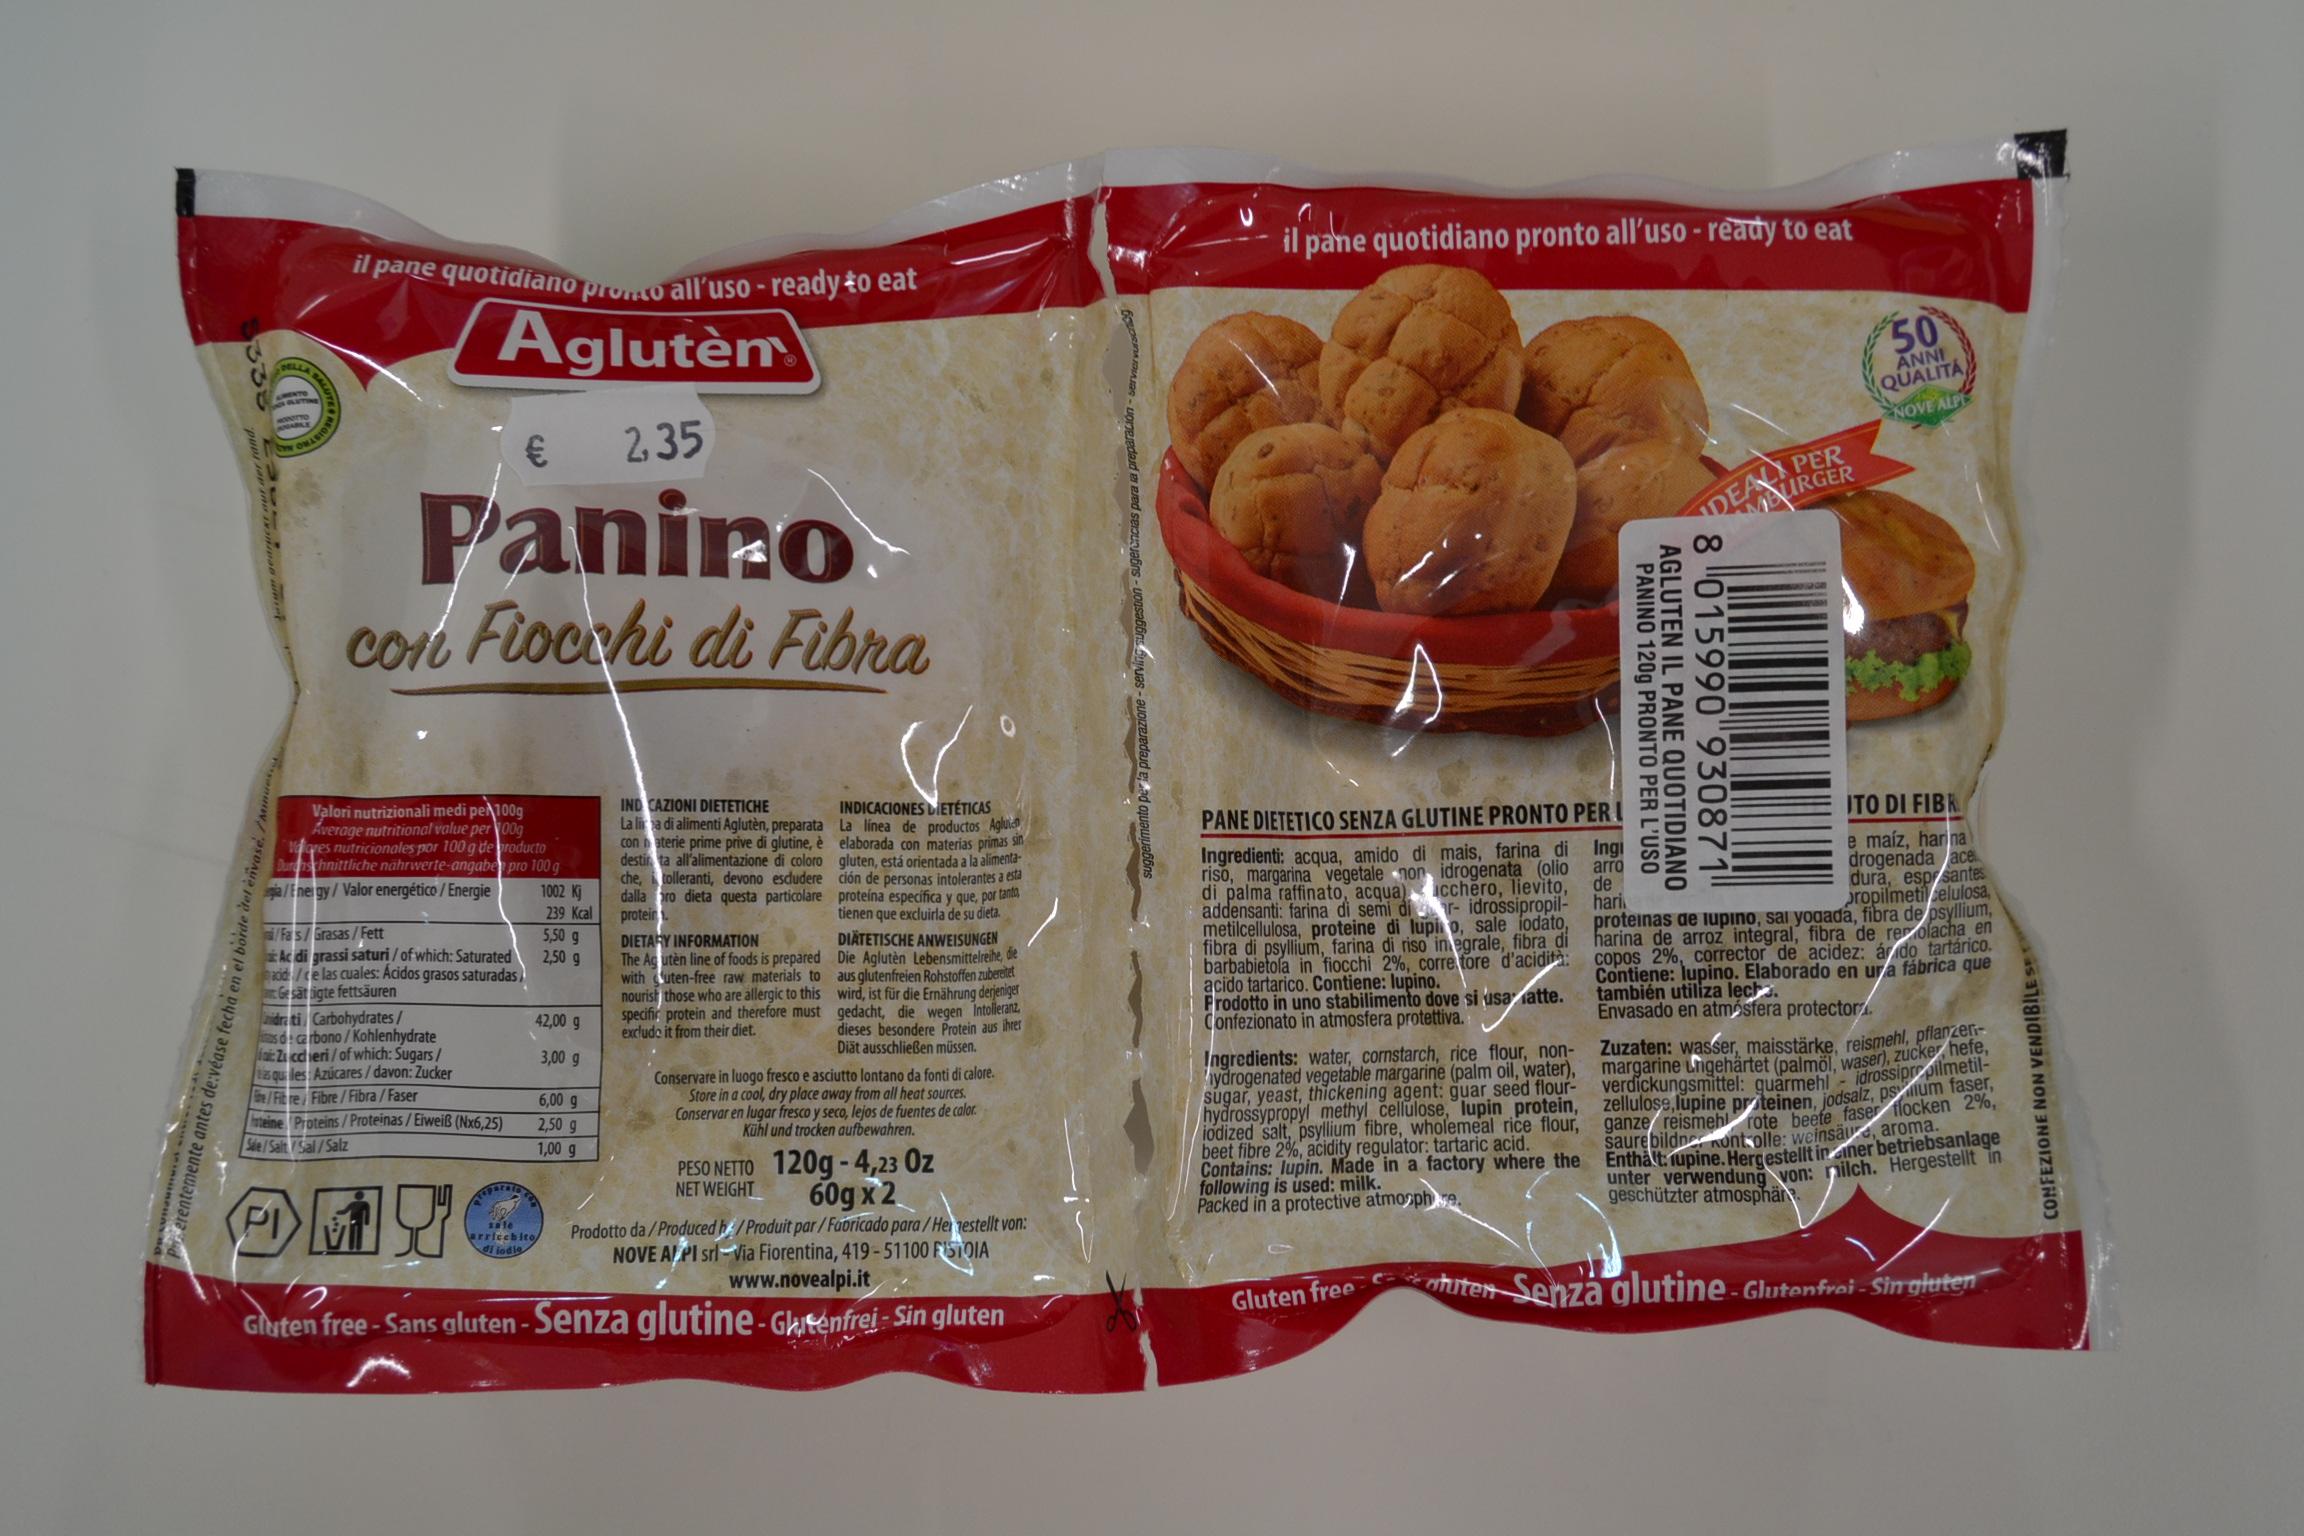 Panino con fiocchi di fibra AGLUTEN € 2,35